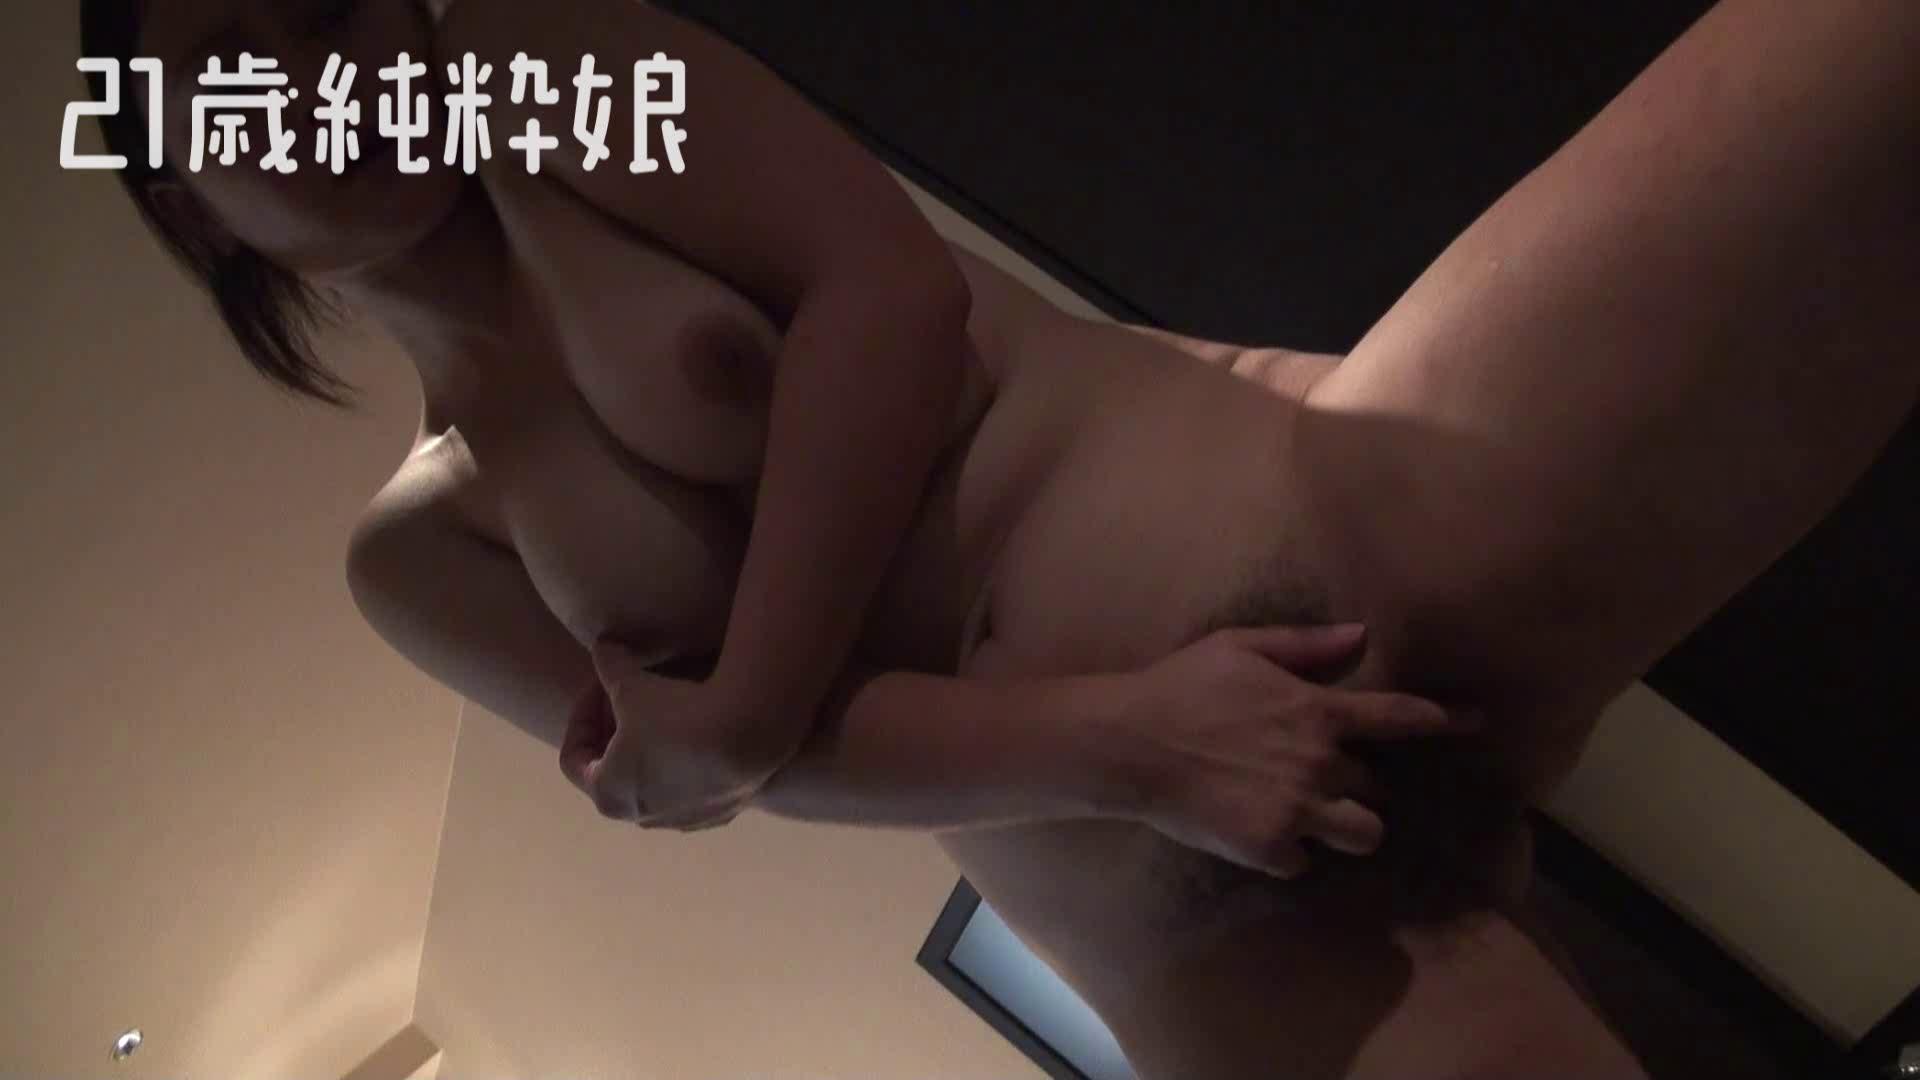 上京したばかりのGカップ21歳純粋嬢を都合の良い女にしてみた2 中出し | SEX  24連発 4